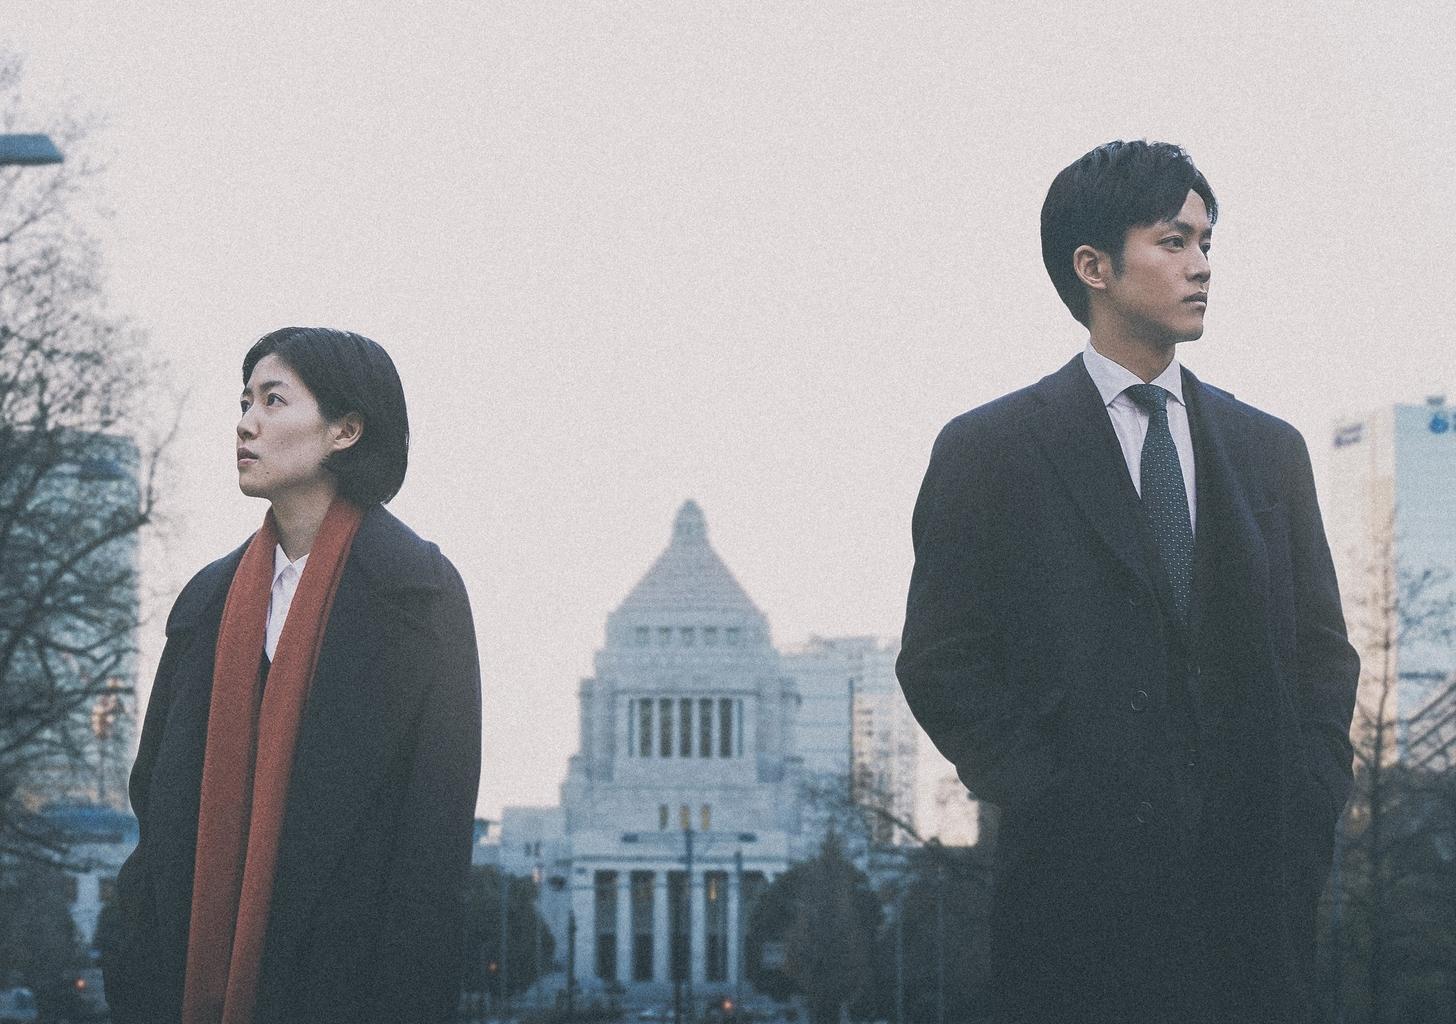 左から、シム・ウンギョン、松坂桃李 (C)2019『新聞記者』フィルムパートナーズ